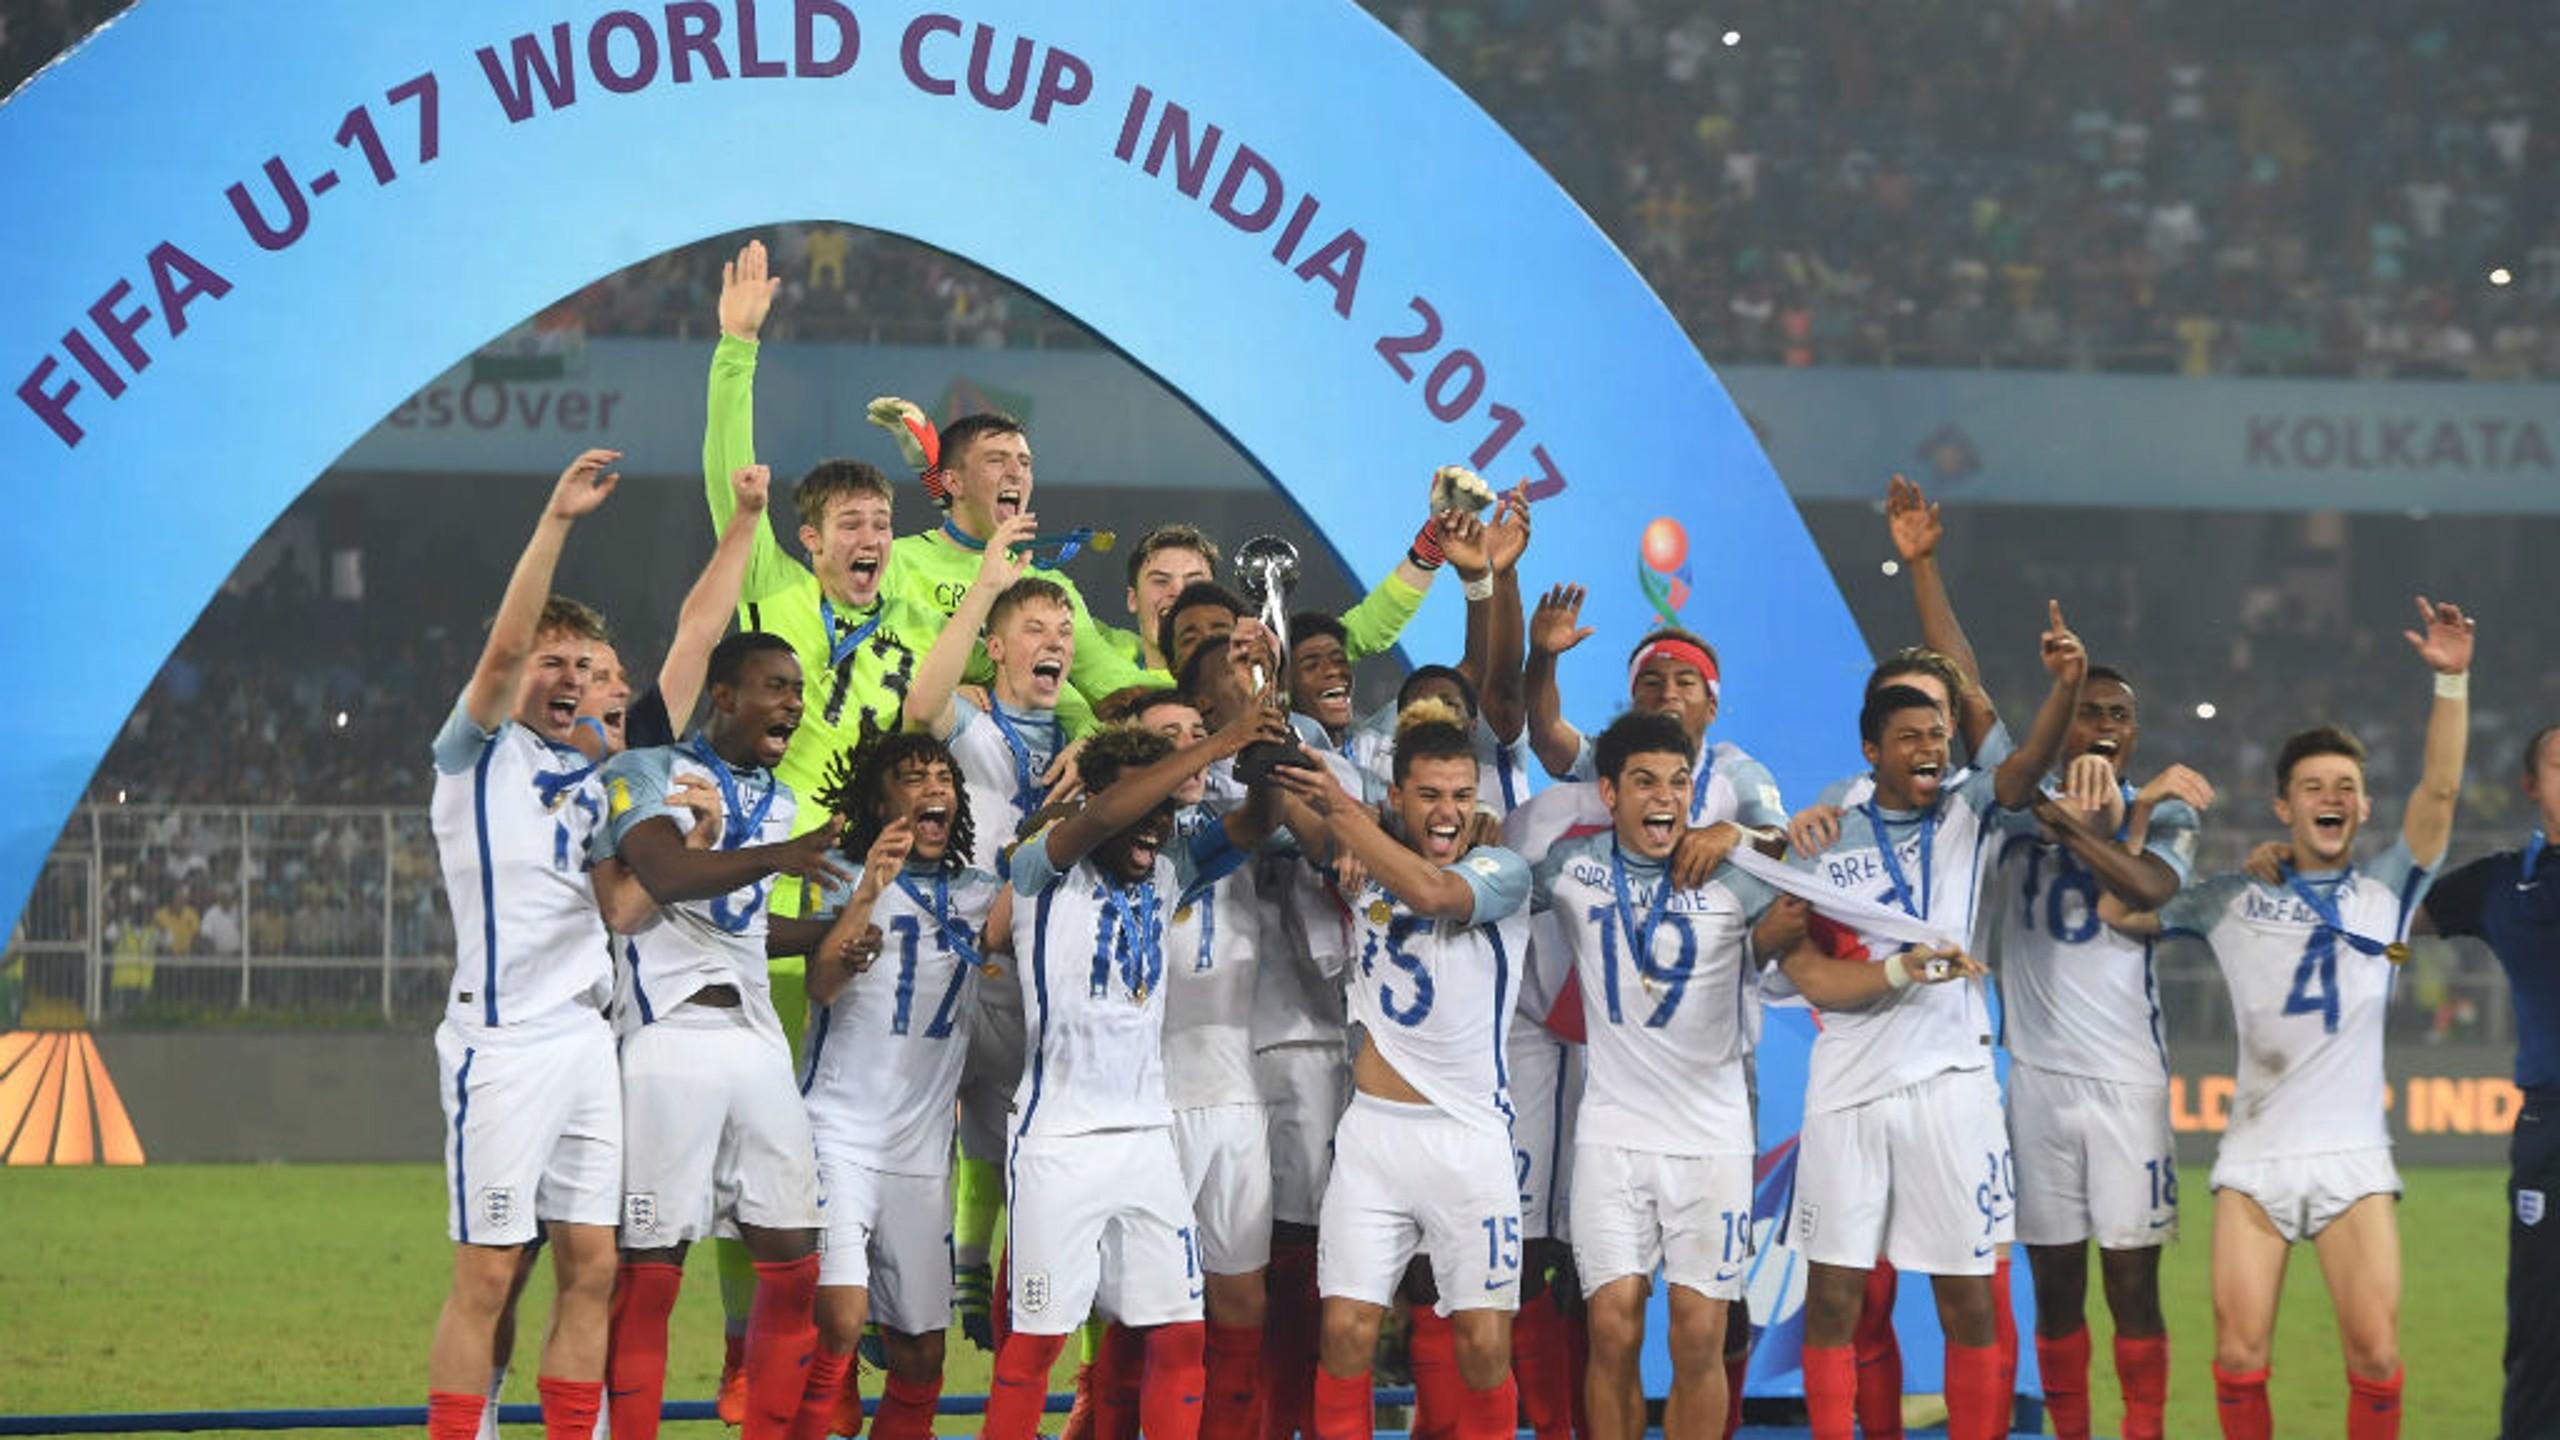 فودين ظهر بشكل قوي في تتويج المنتخب الإنجليزي بلقب كأس العالم تحت 17 سنة، مسجلا هدفين في المباراة النهائية ضد إسبانيا.